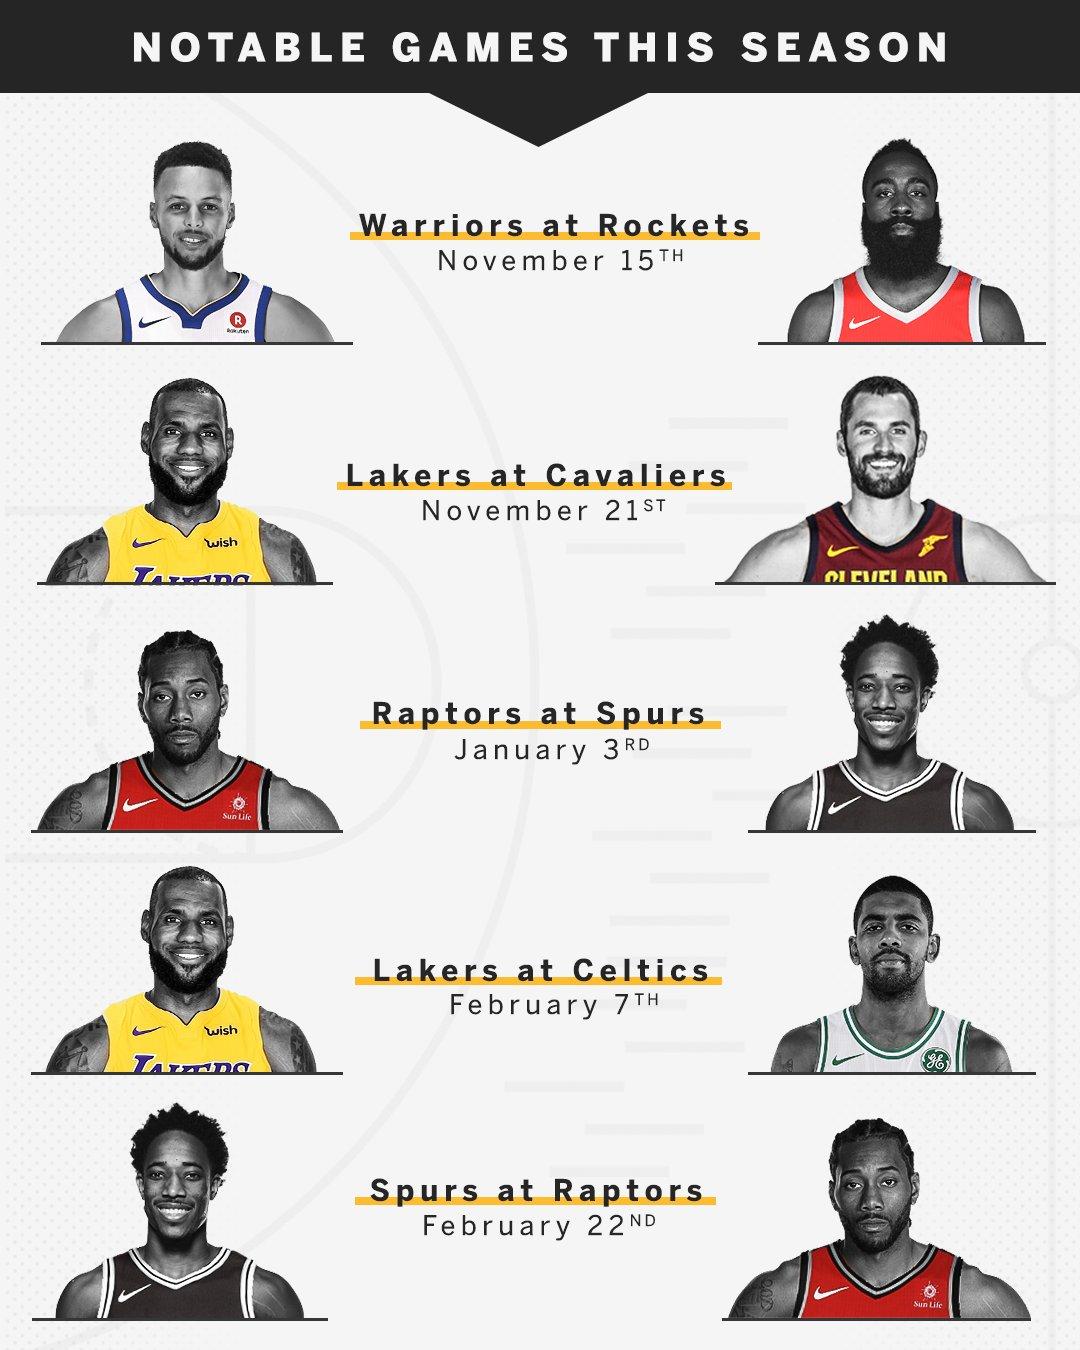 The full NBA schedule has been released …  CAN'T. WAIT. �� https://t.co/4ejRMoIKJ9 https://t.co/QMWN9u1kPe